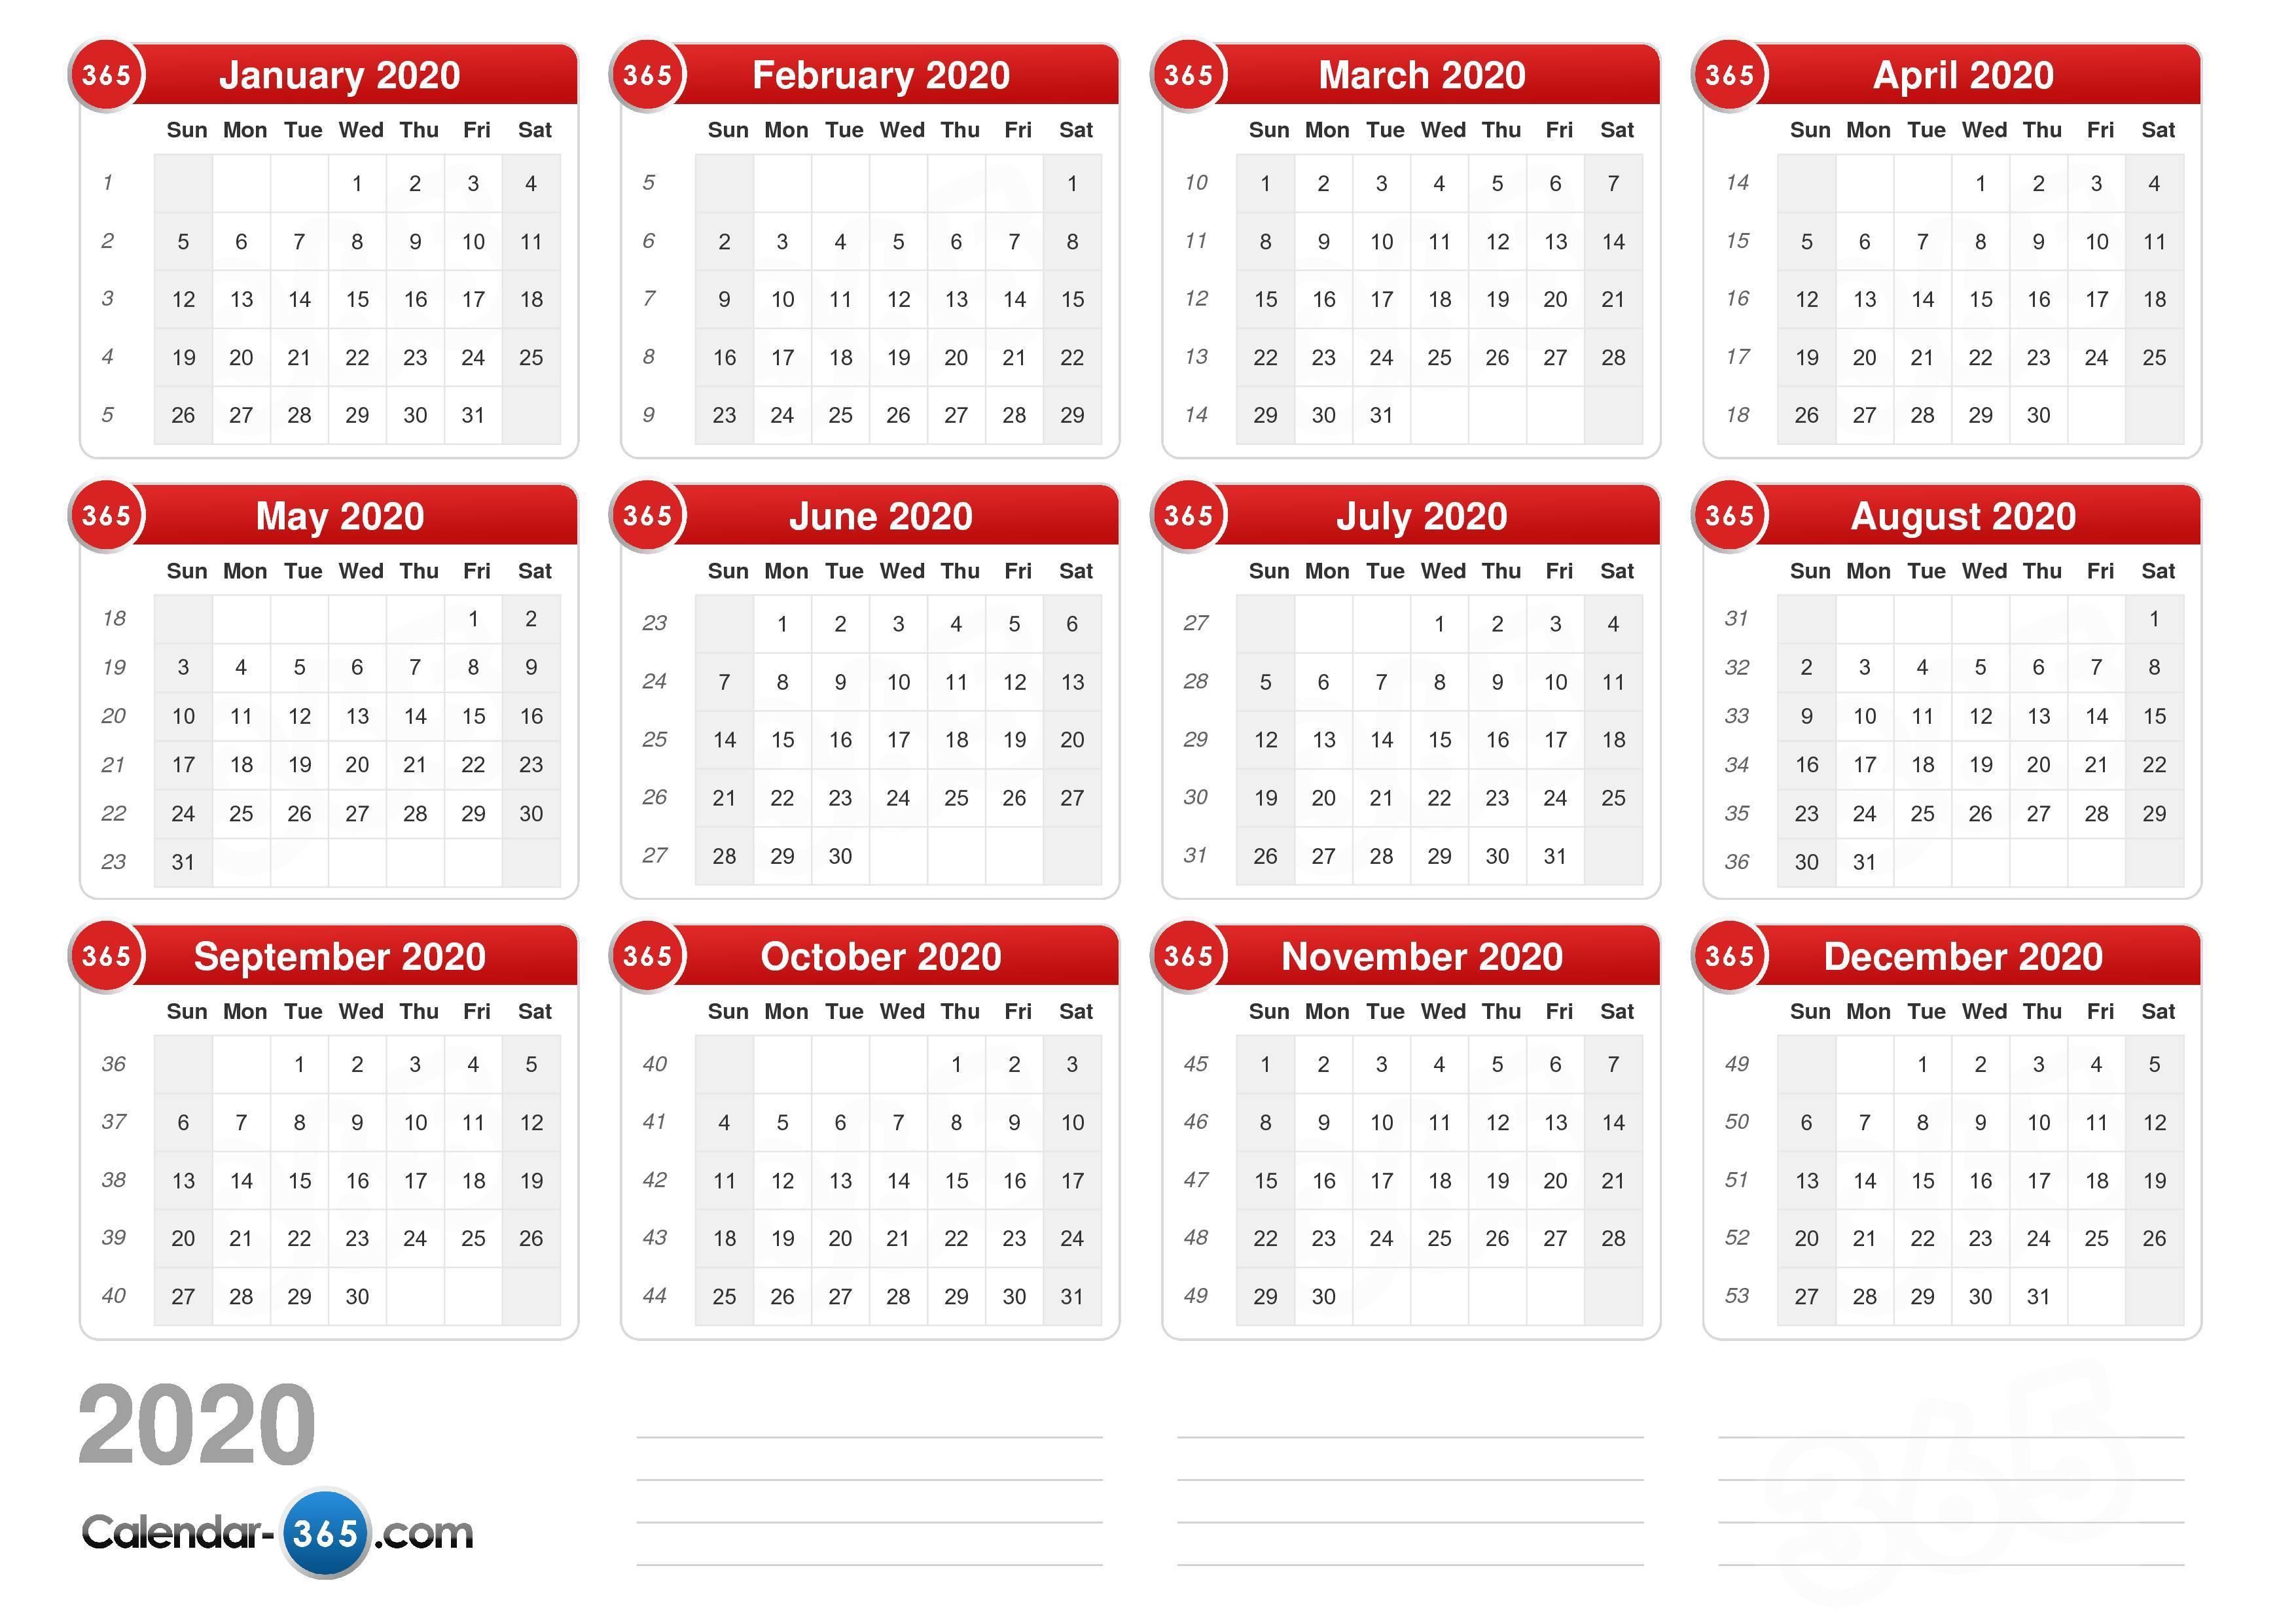 2020 Calendar regarding Monday To Sunday Printable 2020 Calendar